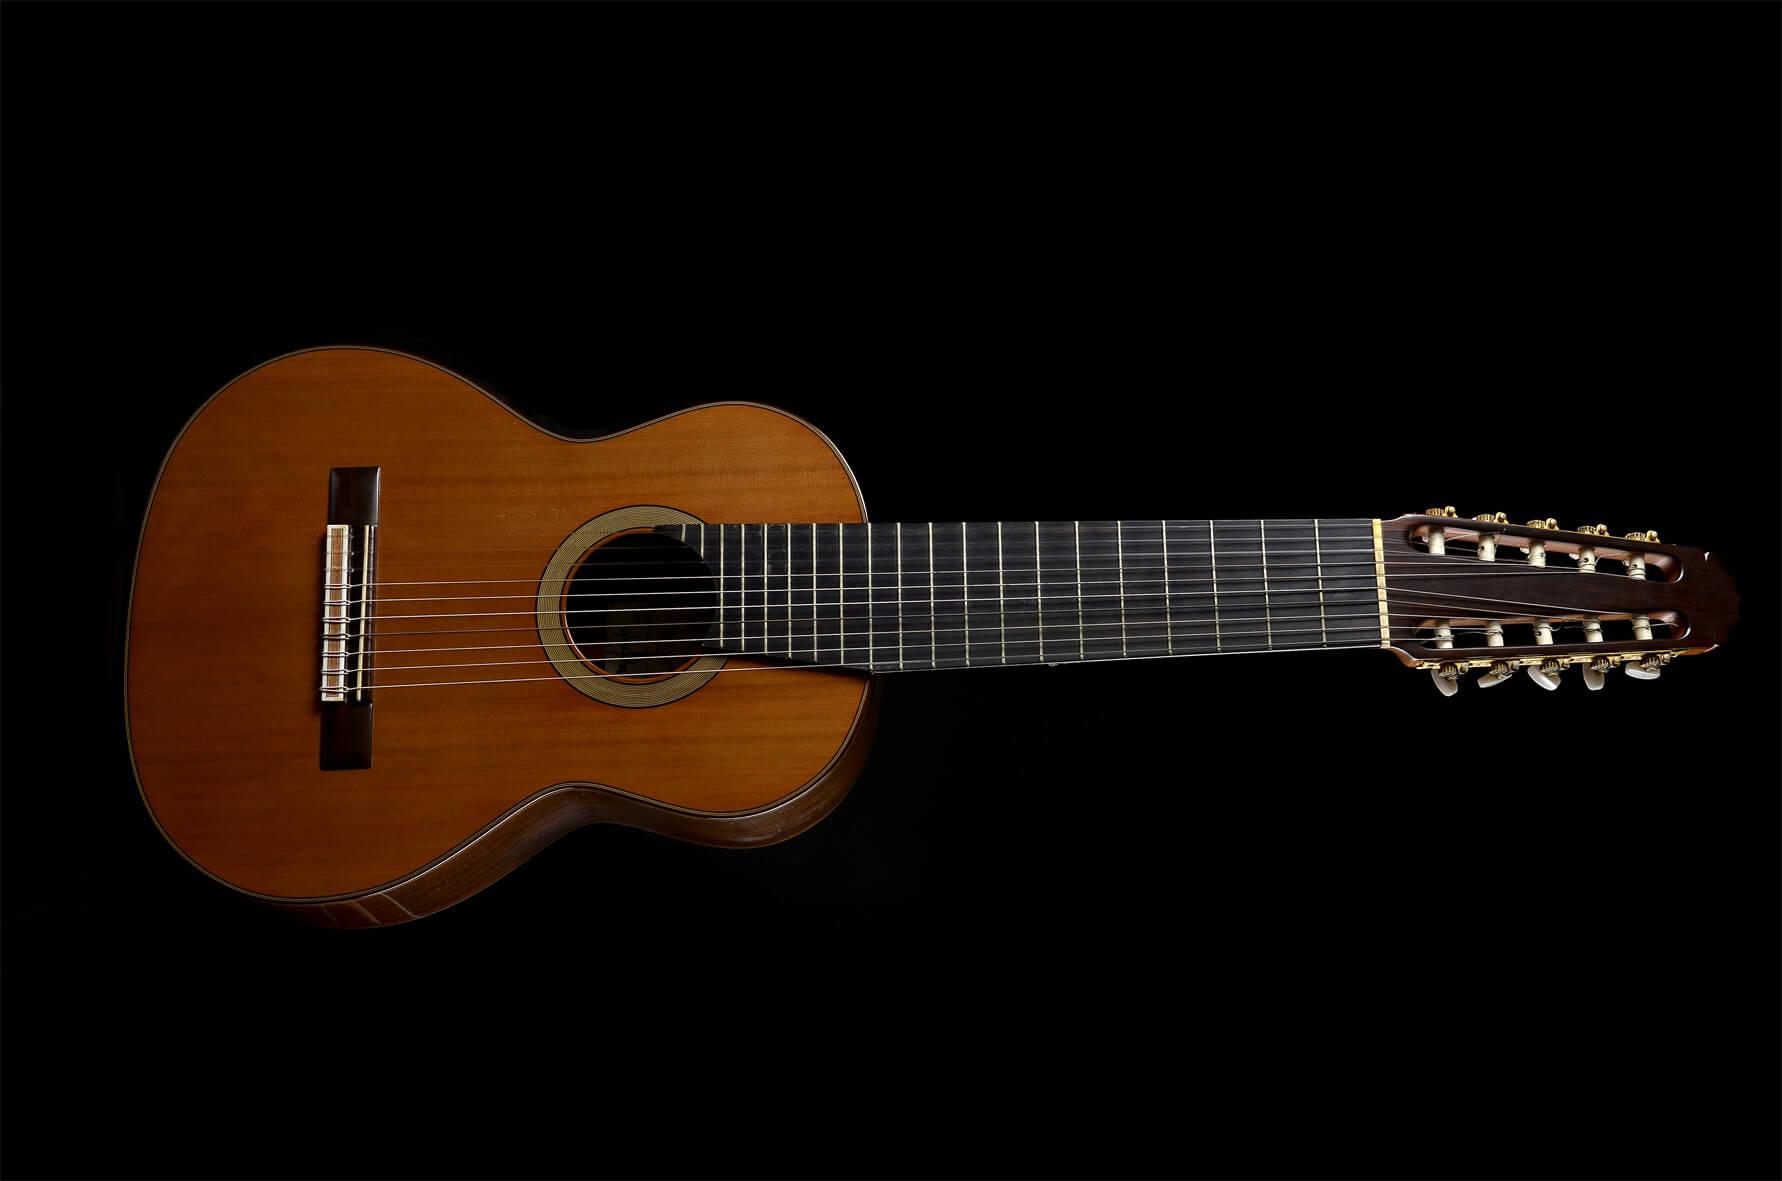 La evolución de la guitarra: la guitarra de diez cuerdas